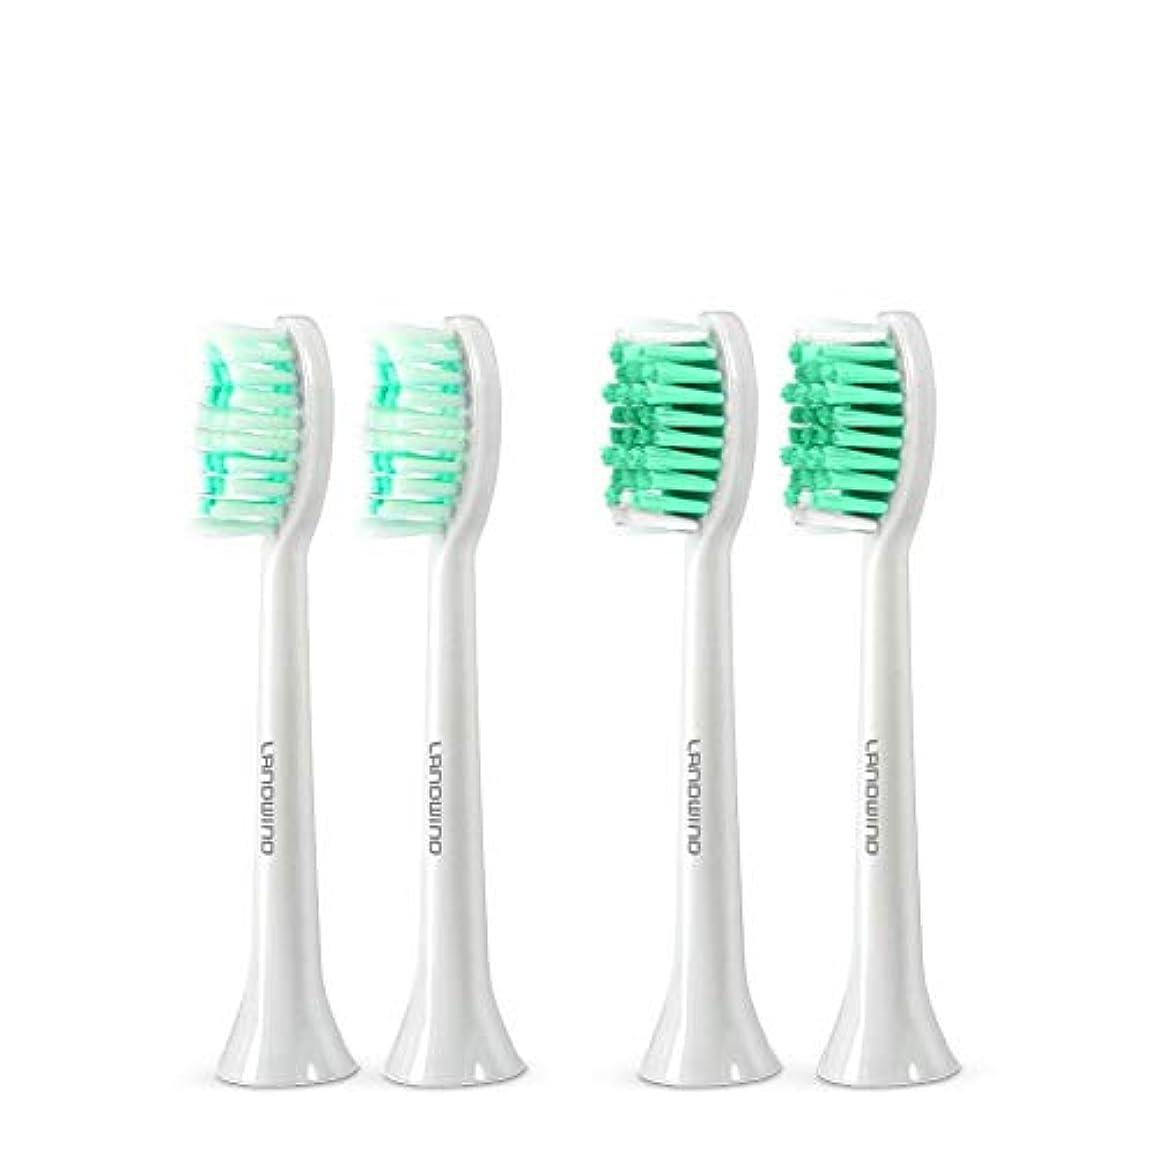 米ドル苦行意義歯ブラシ 替えブラシ4本入り 口内ケアキット 防水&水洗可 ホワイト